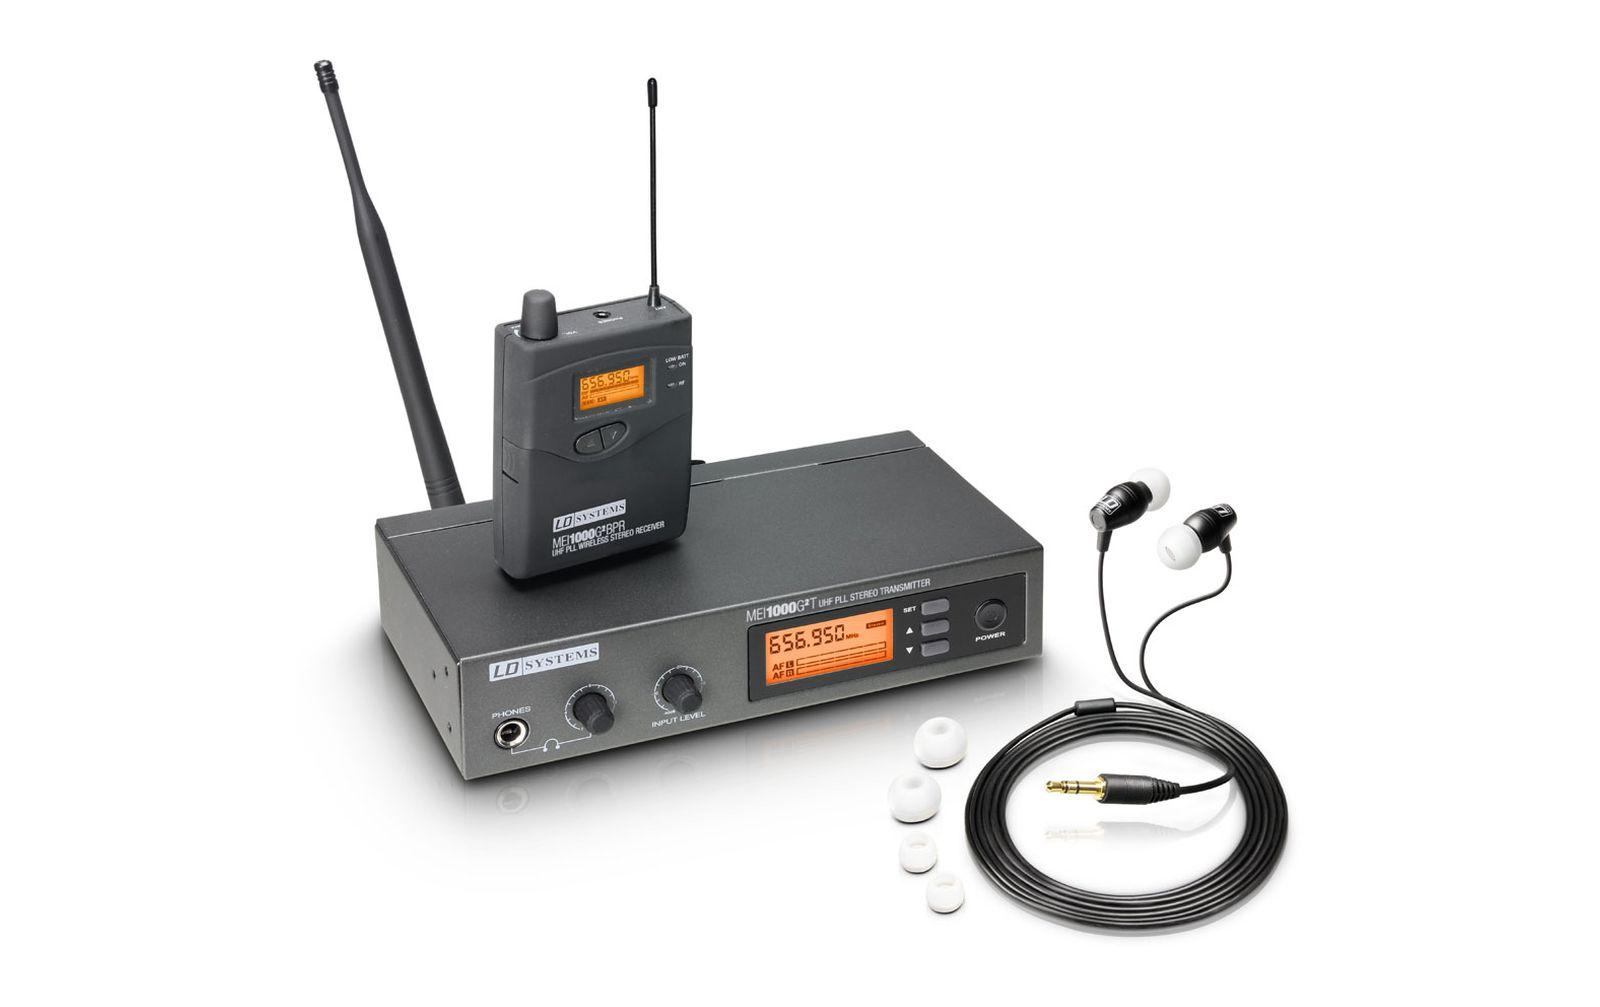 ld-systems-mei-1000-g2-b6